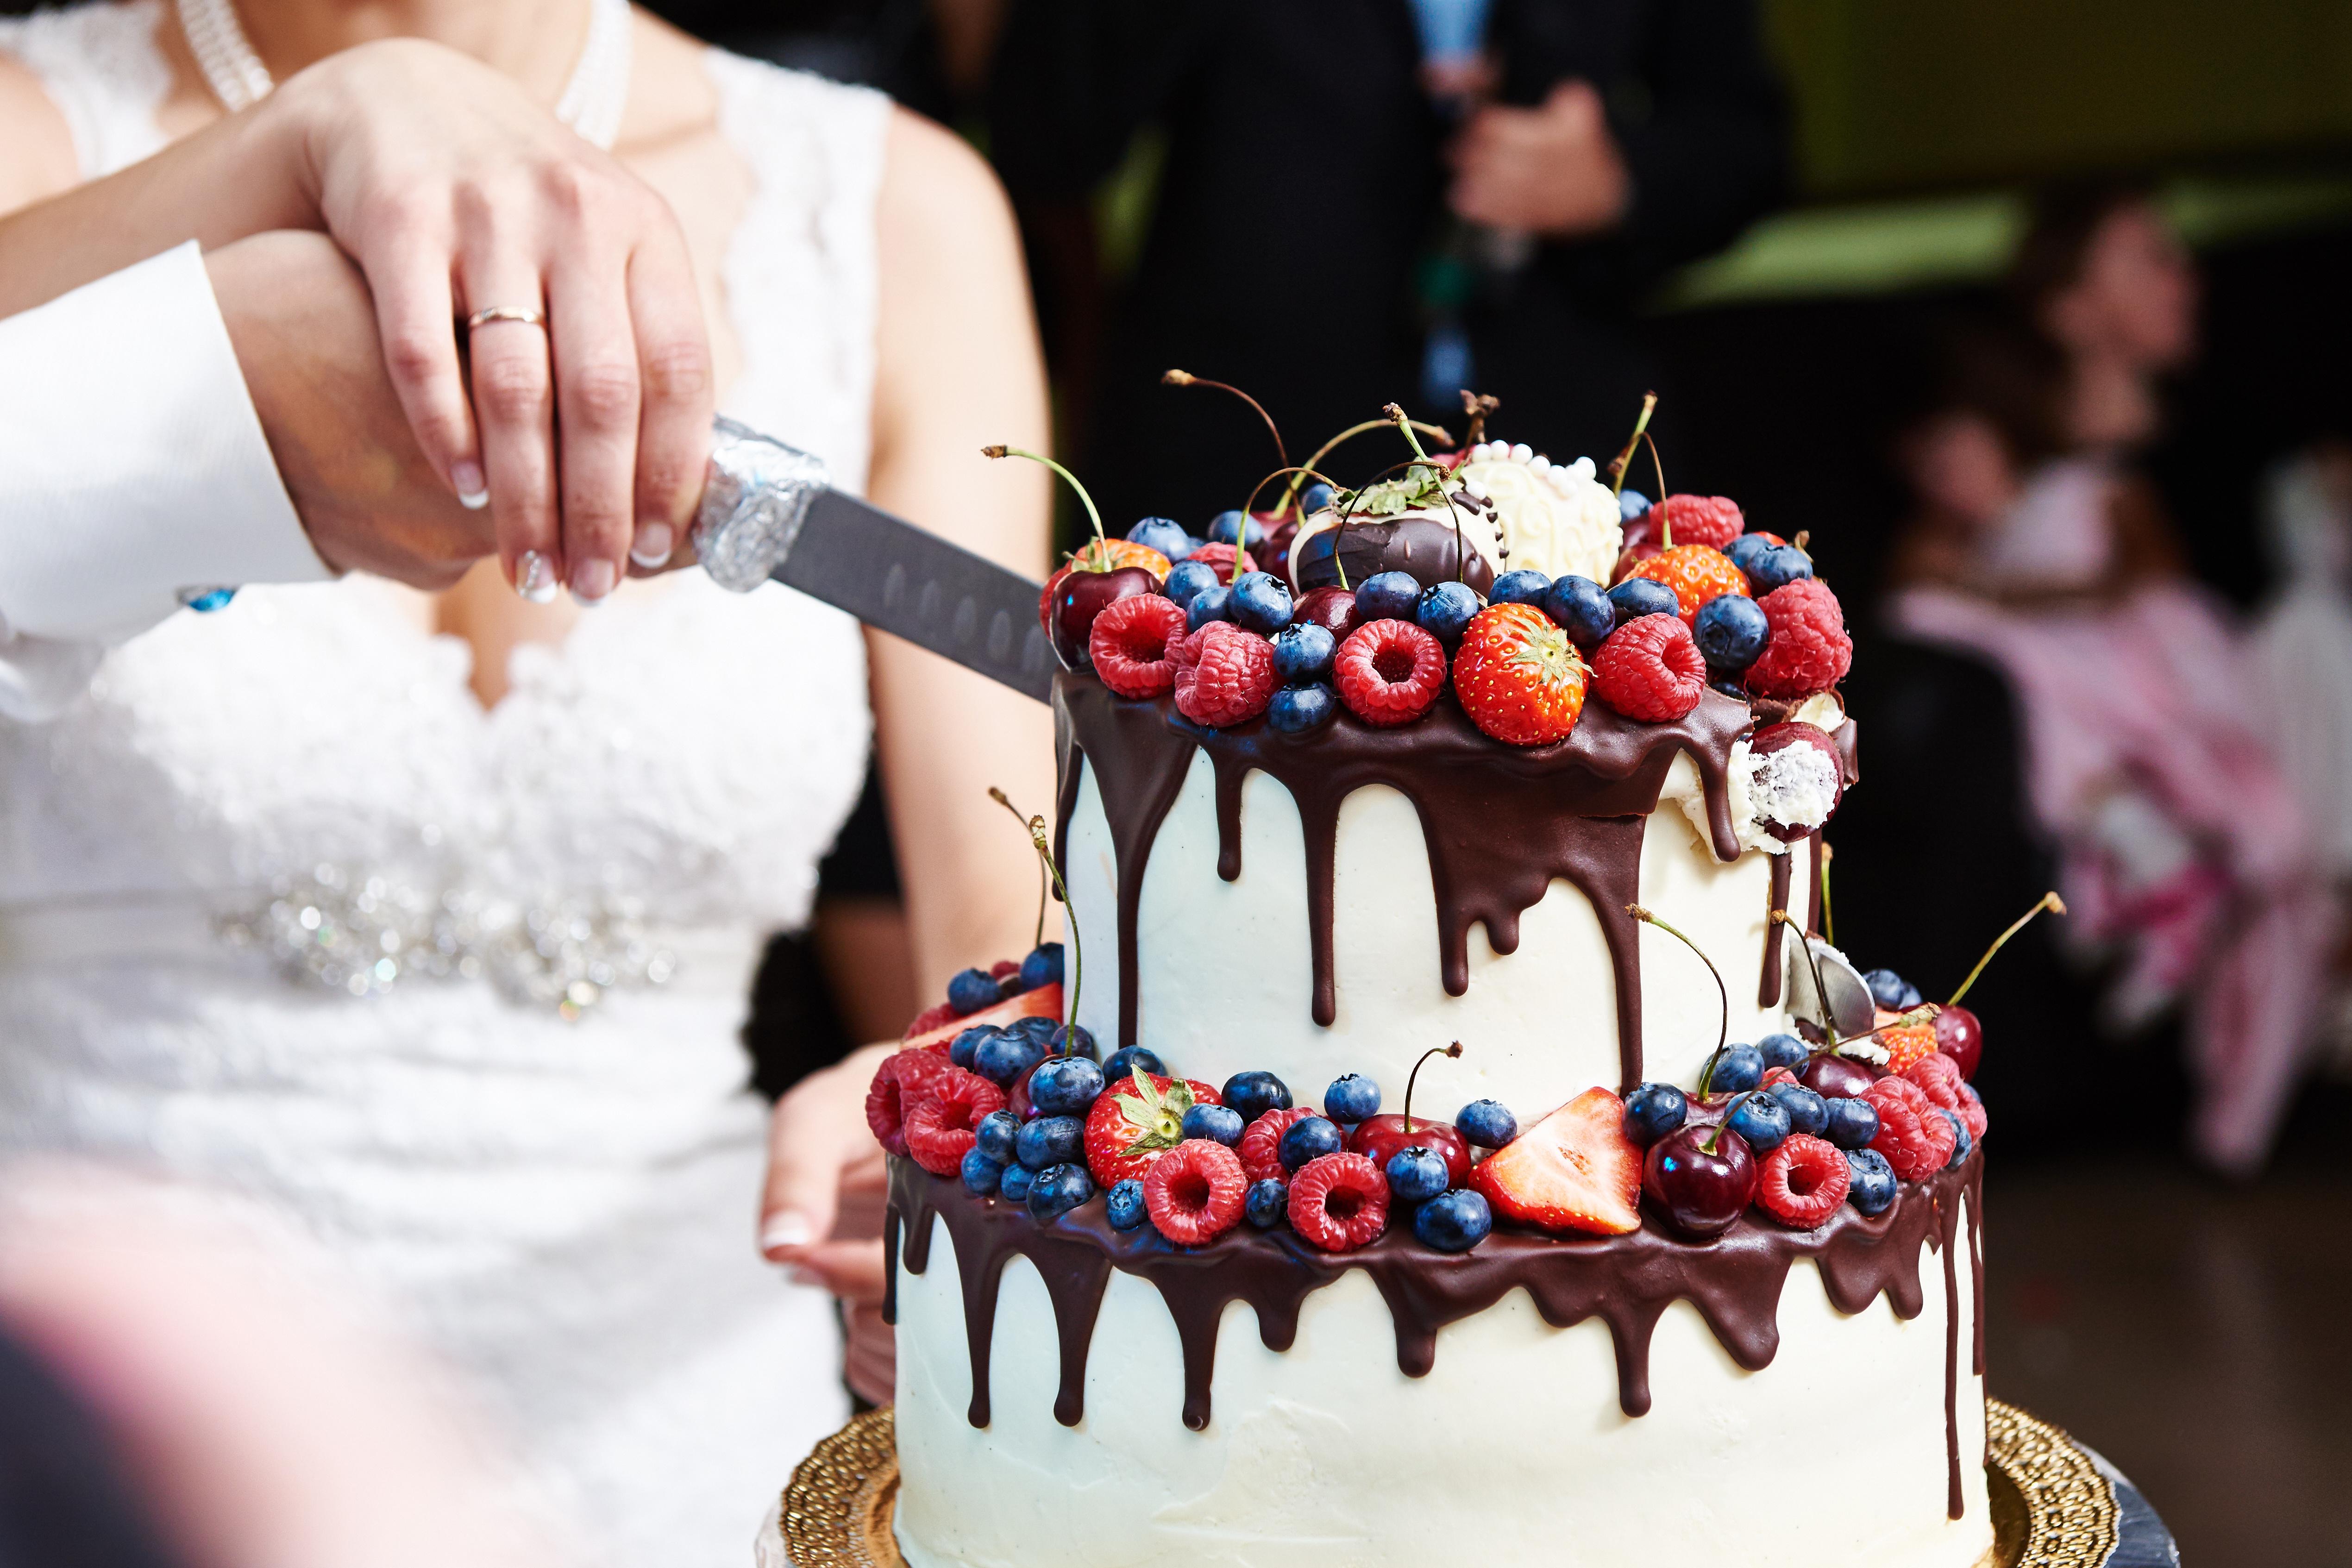 Jakie noże wybrać do tortu?